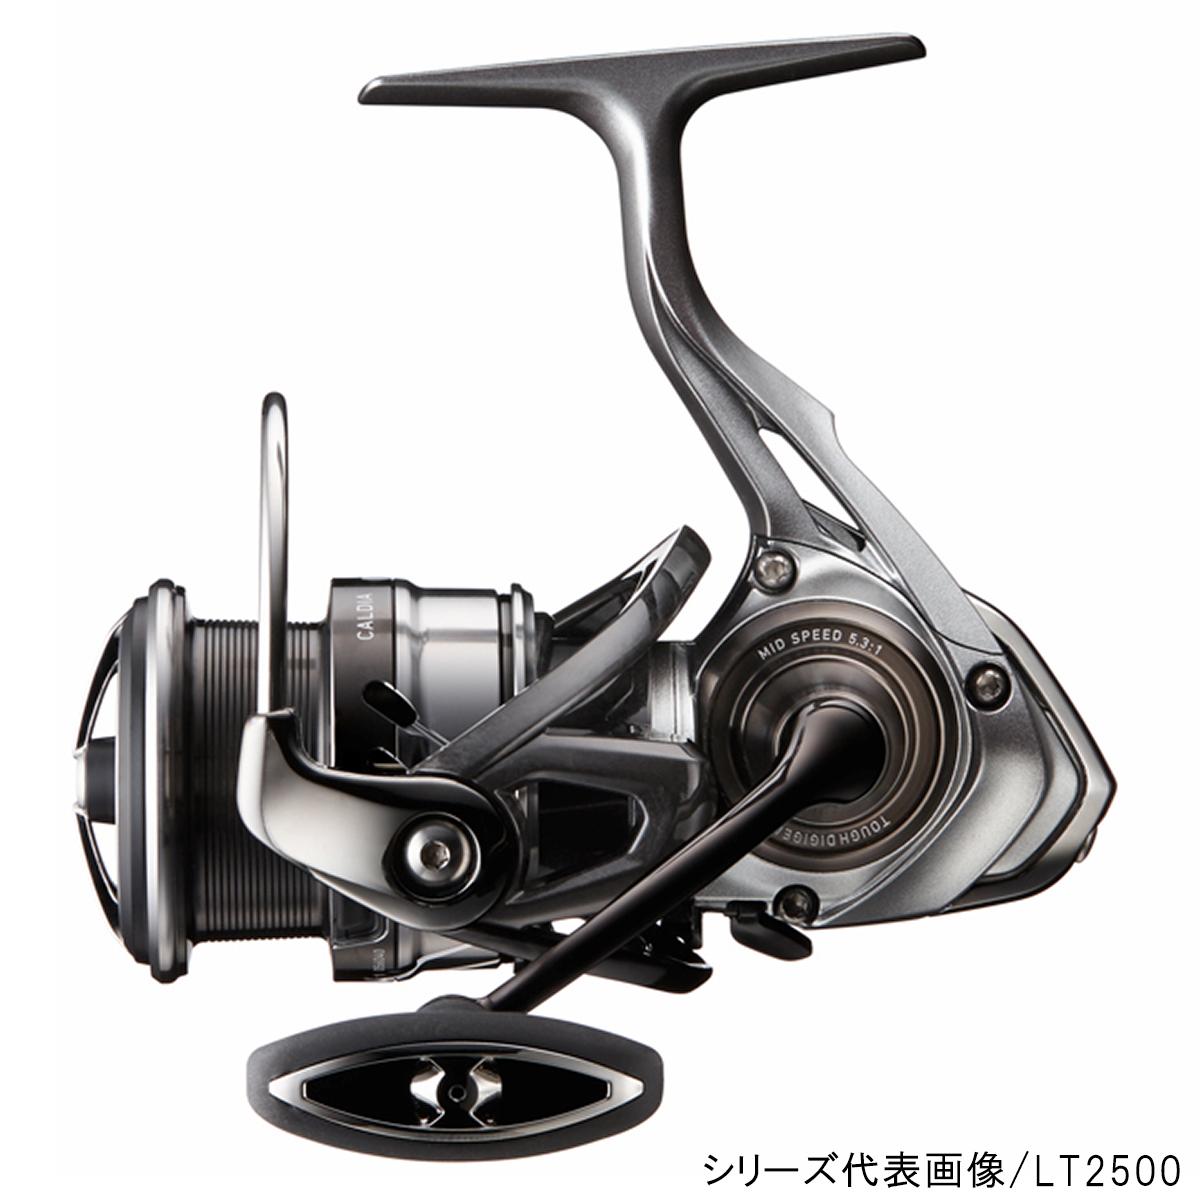 ダイワ カルディア LT2500-XH